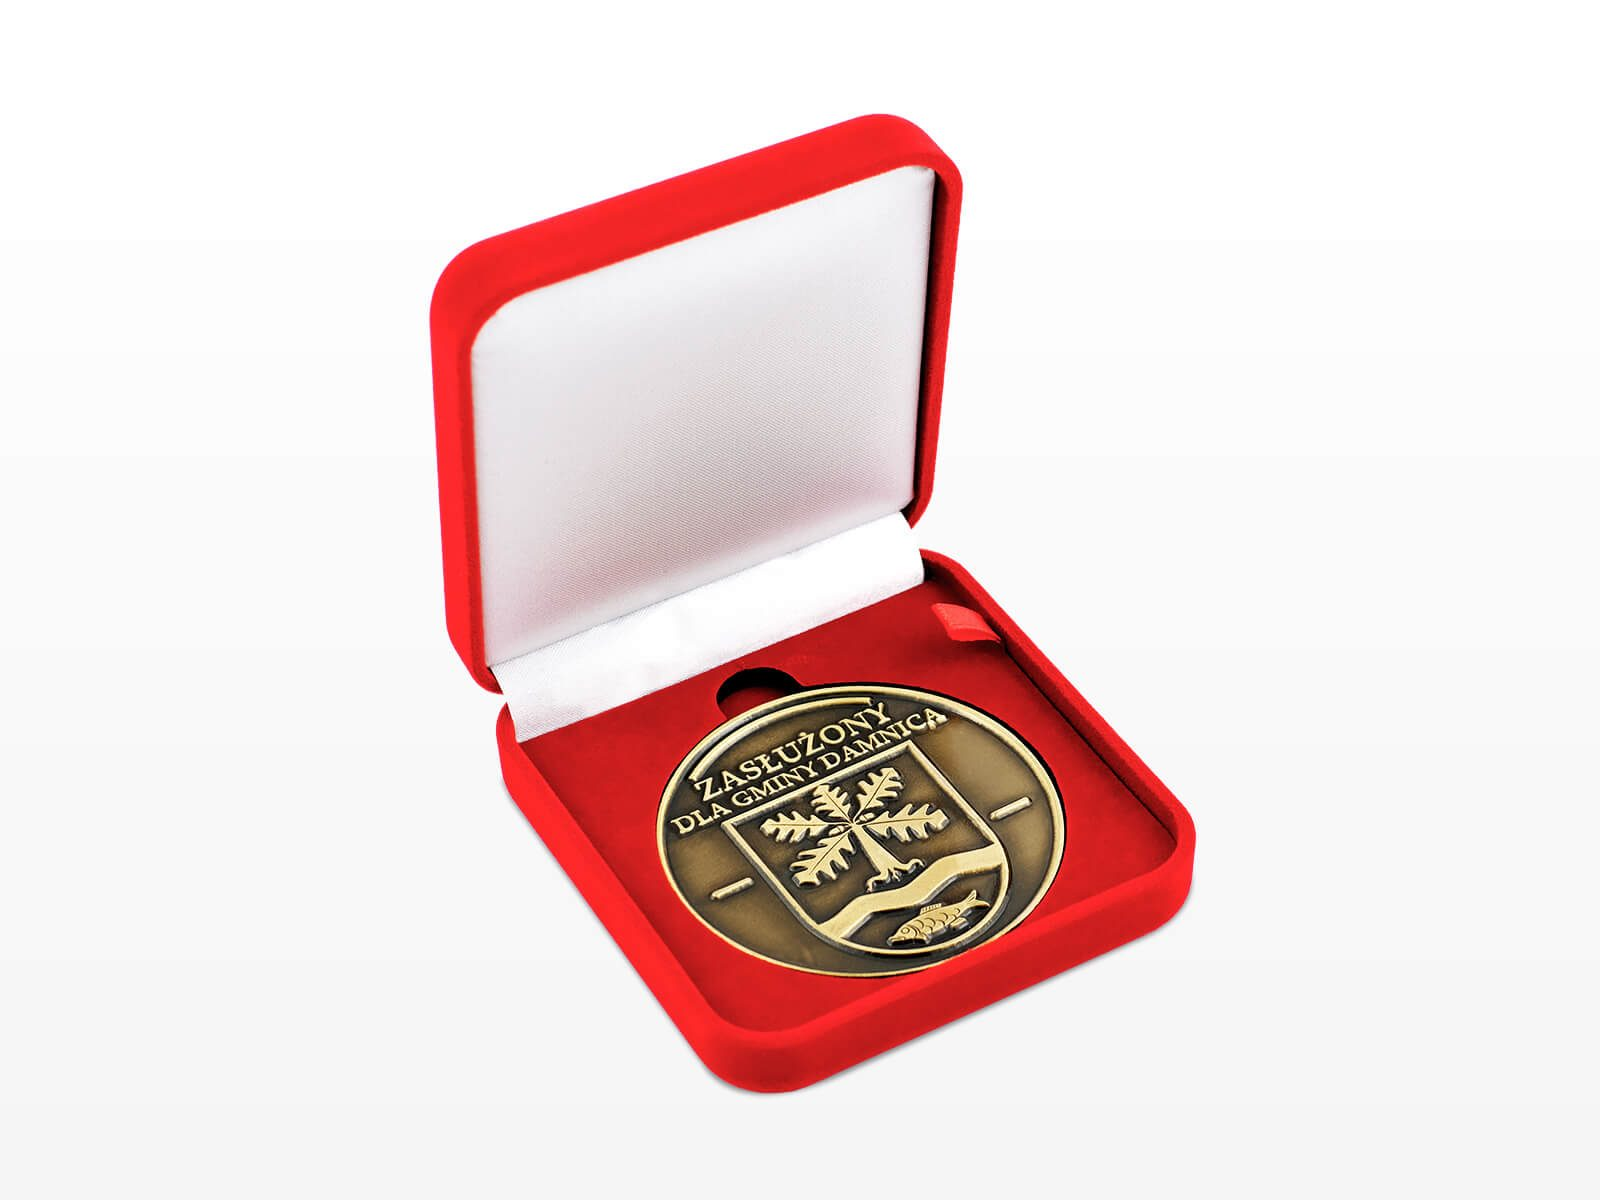 Gminny medal okolicznościowy - zasłuzony dla gminy Damnica w czerwonym etui, wyprodukowany przez MCC Medale